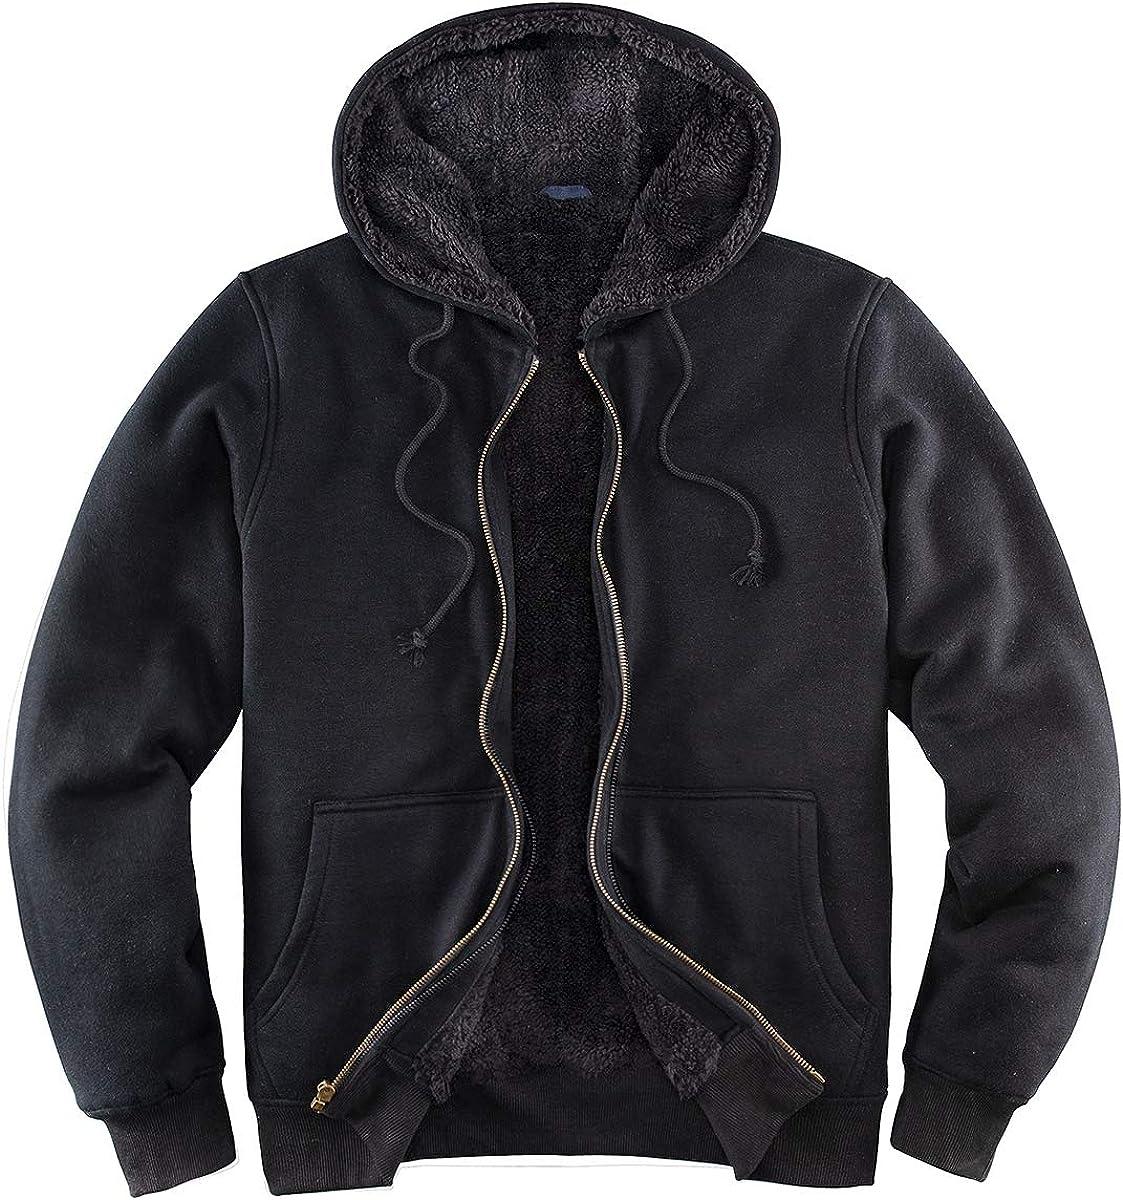 Fleece Lined Hoodies for Men Heavyweight Hooded Sweatshirts Full Zip Warm Fleece Jacket Men Winter Sweater Coats